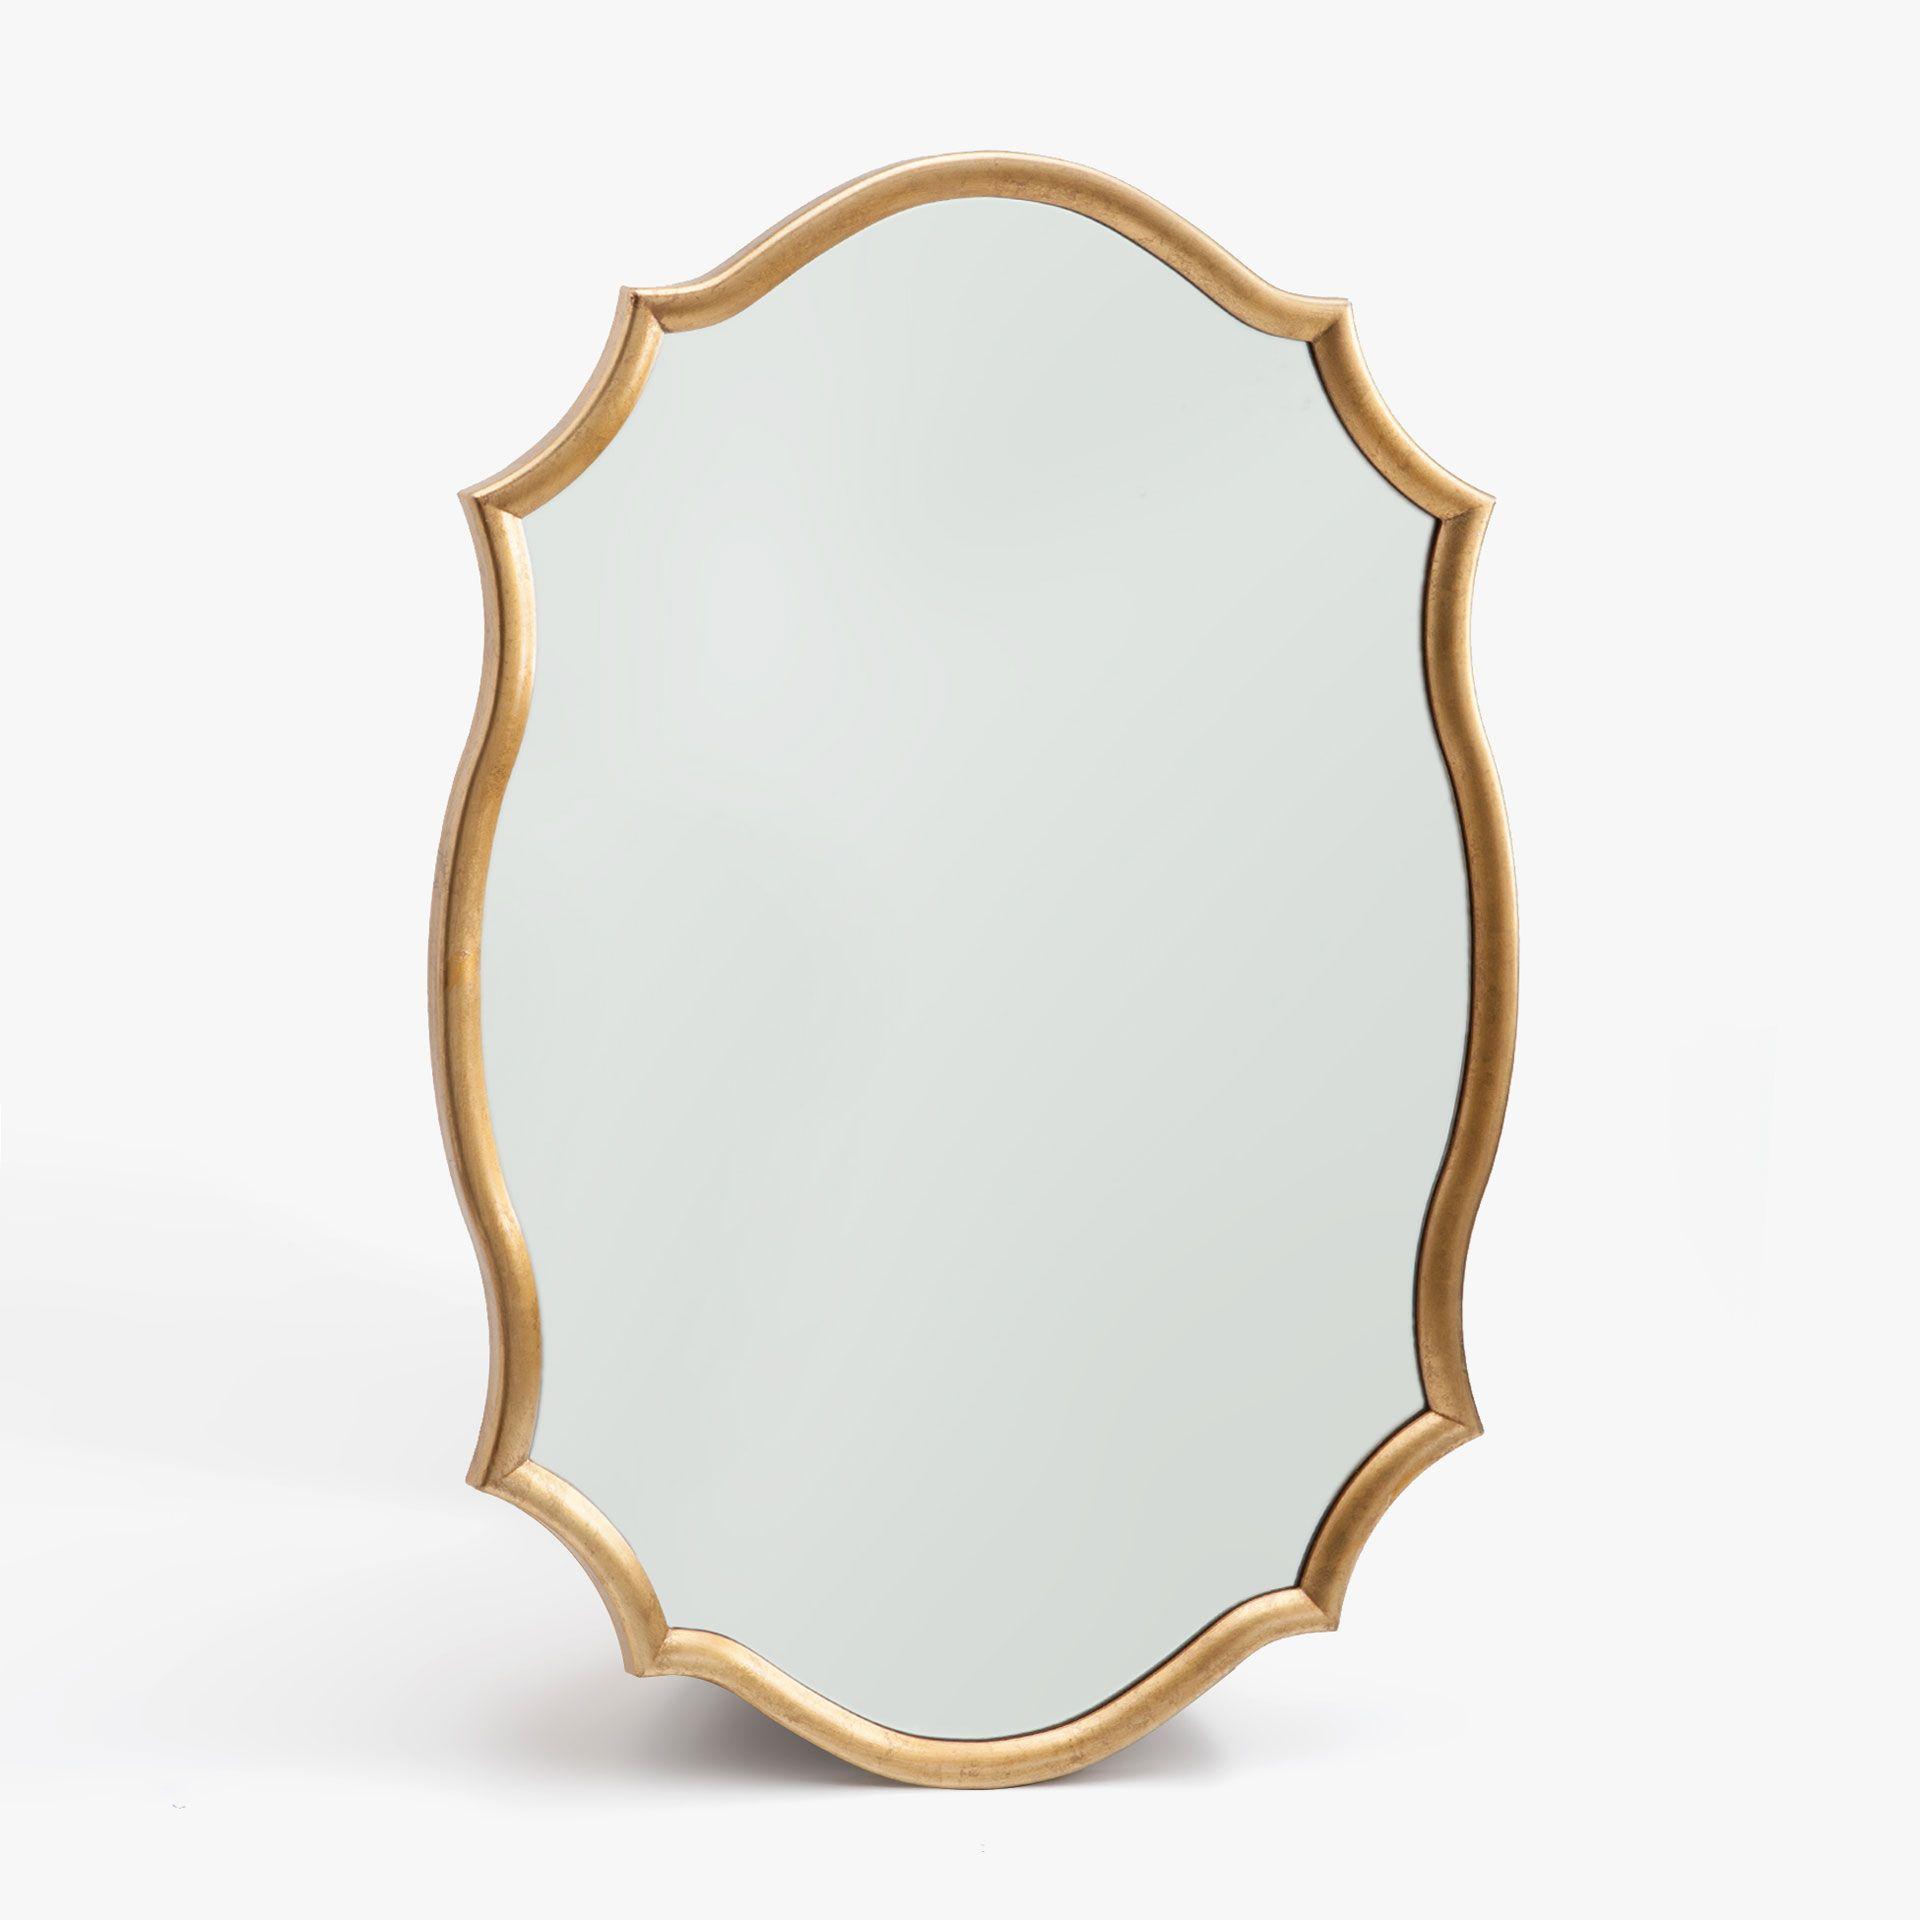 image 1 du produit miroir contour dor zara home pinterest. Black Bedroom Furniture Sets. Home Design Ideas